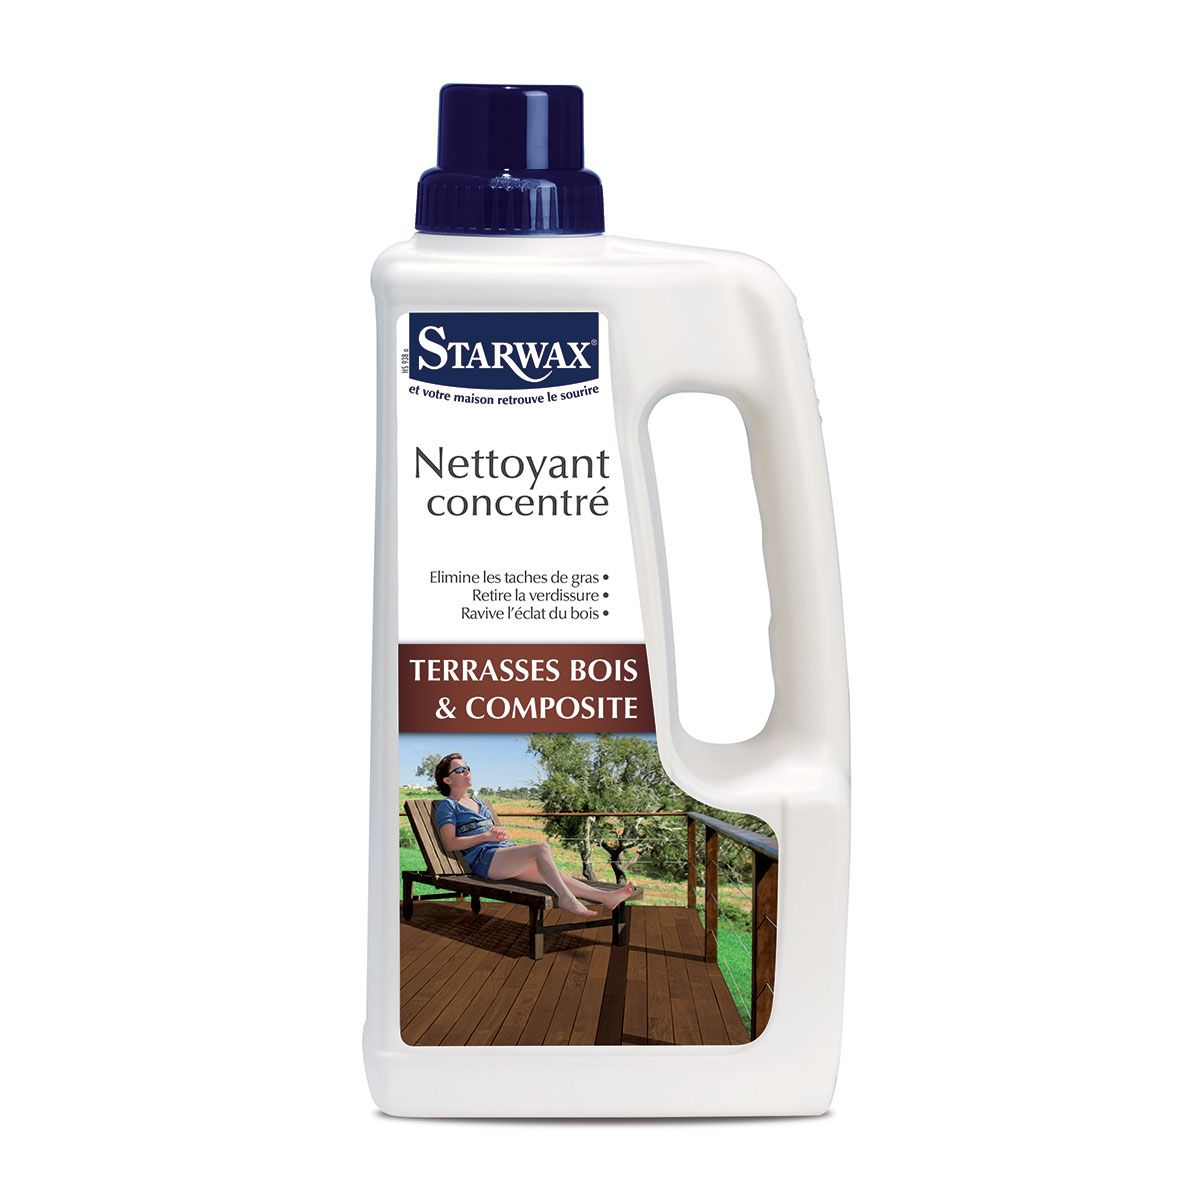 nettoyant concentré pour terrasse en bois et composite | starwax ... - Comment Nettoyer Une Terrasse En Composite